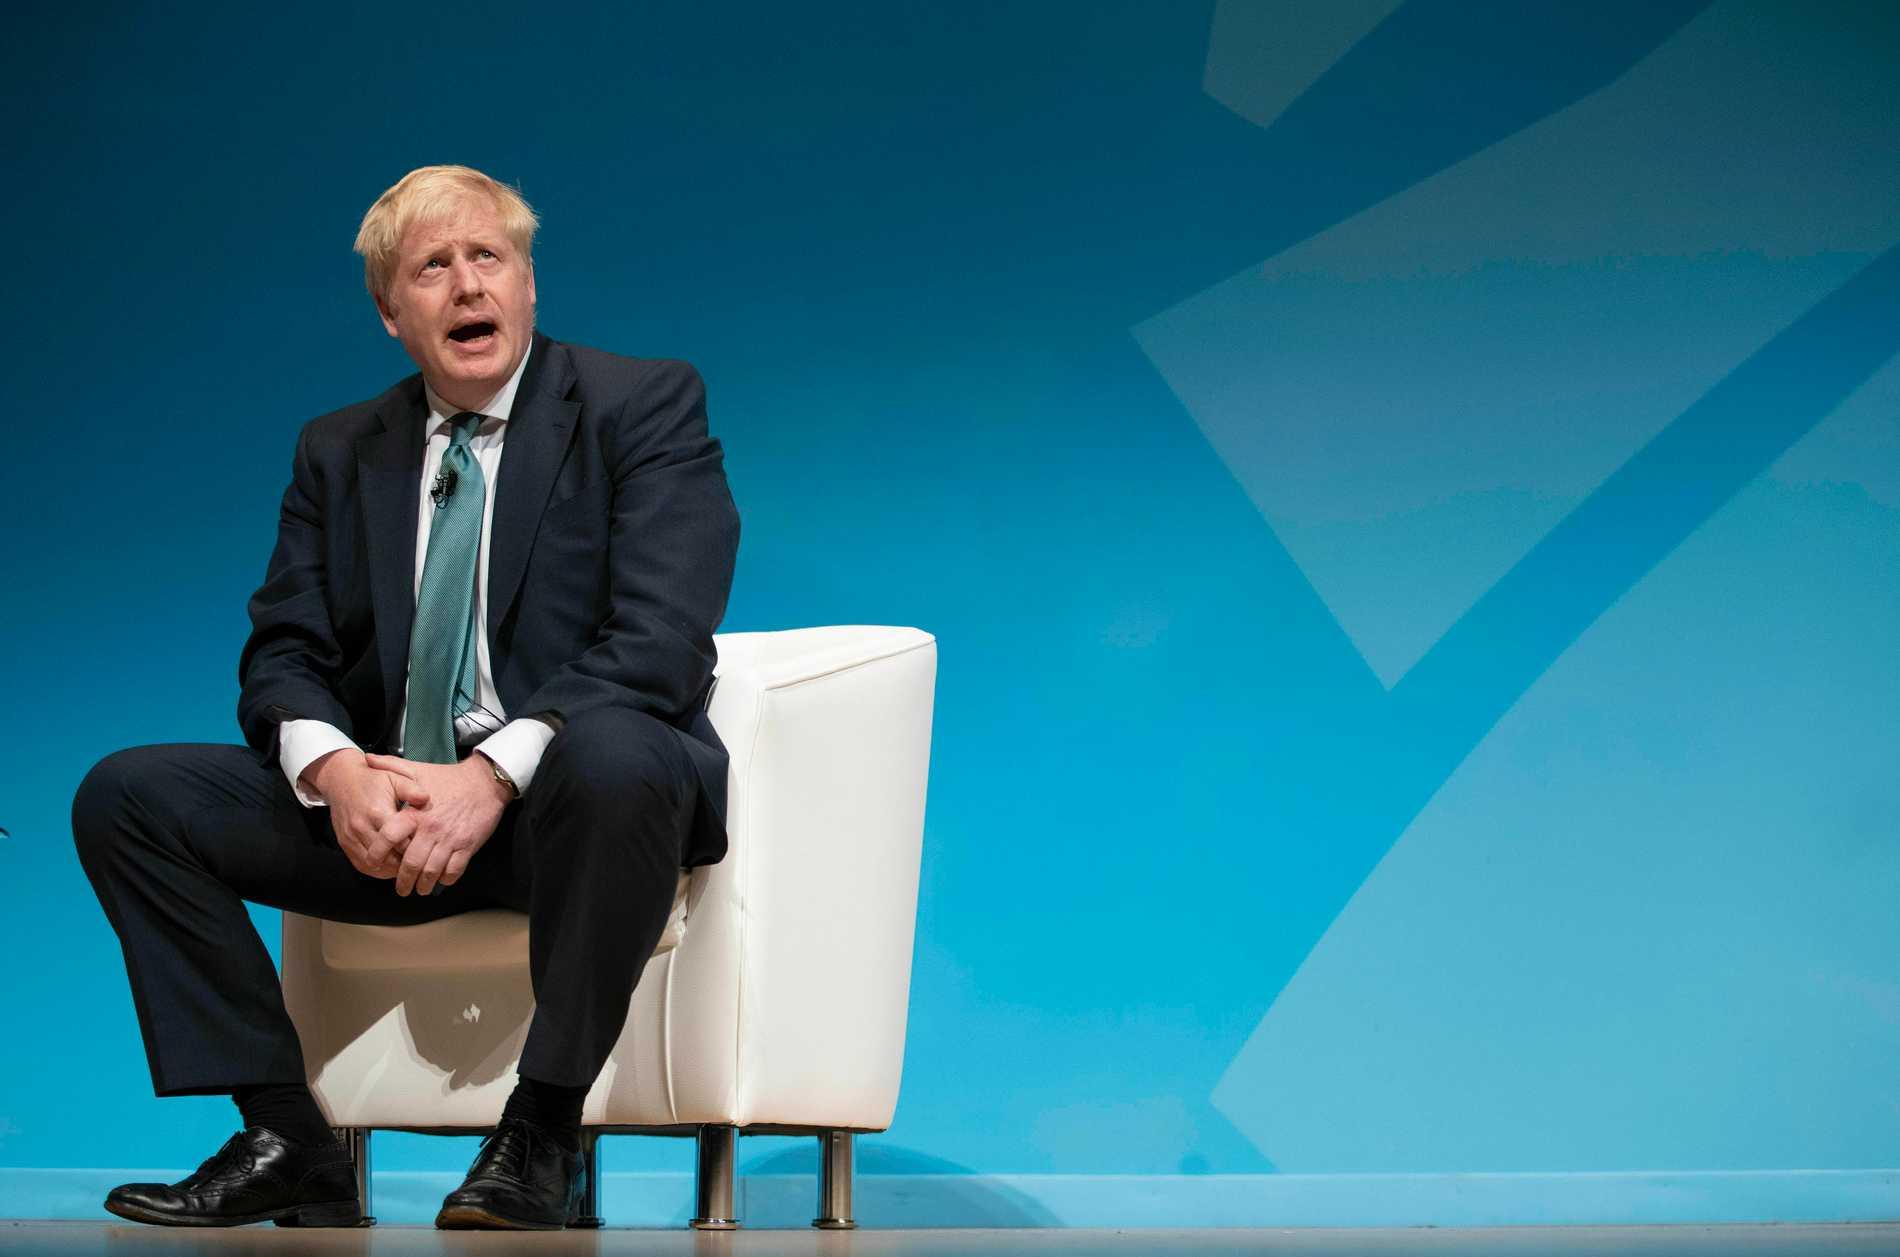 Boris Johnson har varit favorit i valet av brittiska Tories nya partiledare. I dag avslutas medlemsomröstningen, och imorgon får vi veta resultatet.